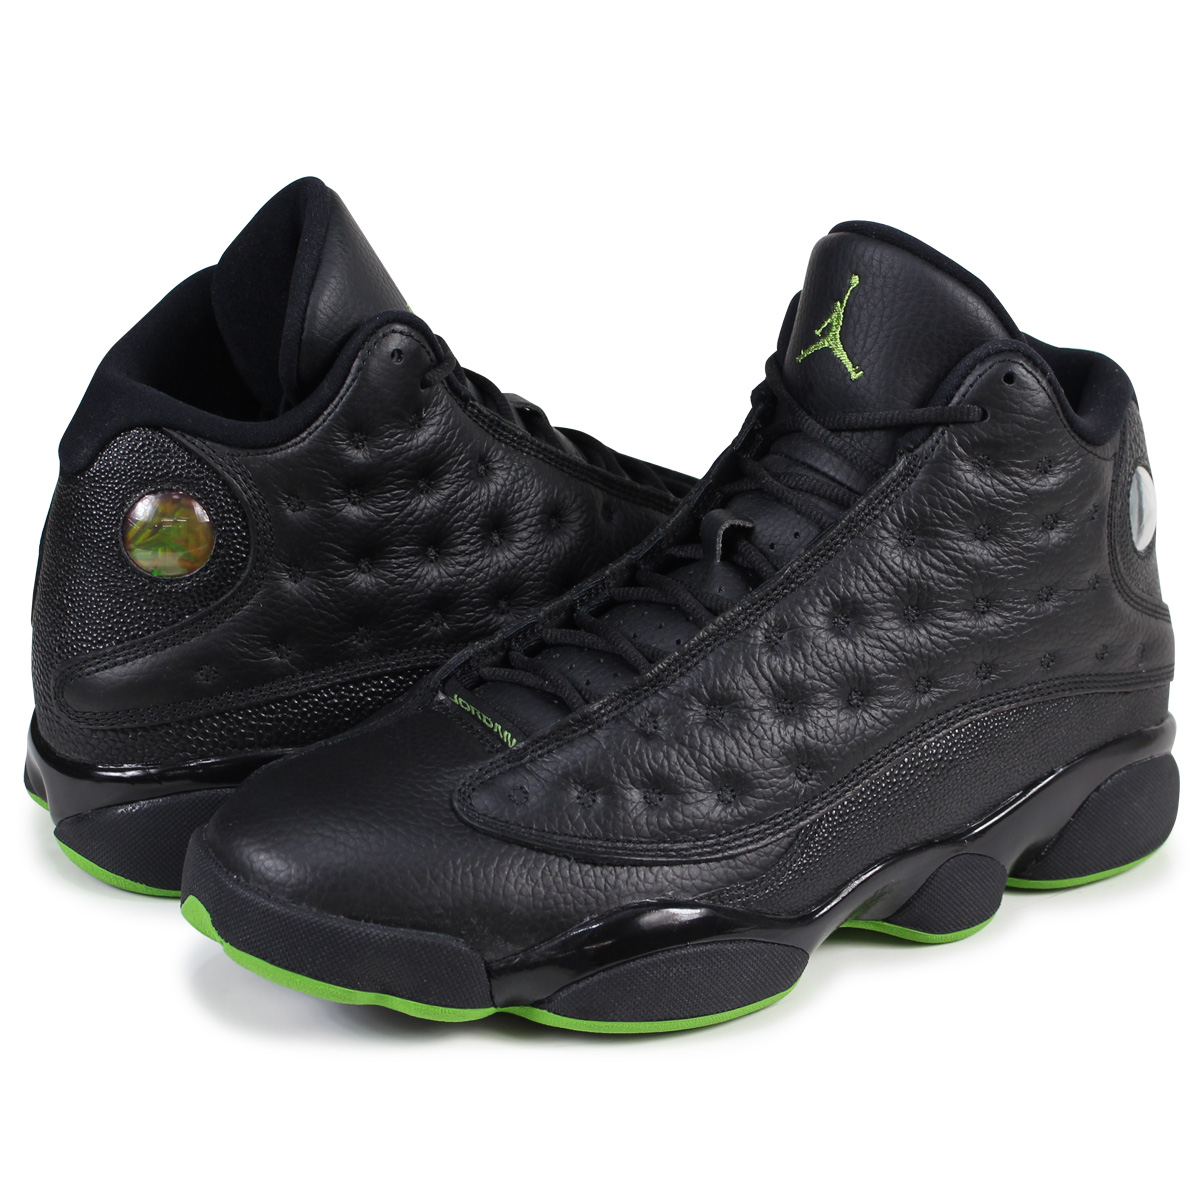 6c5682f89483 NIKE AIR JORDAN 13 RETRO ALTITUDE Nike Air Jordan 13 nostalgic sneakers  414